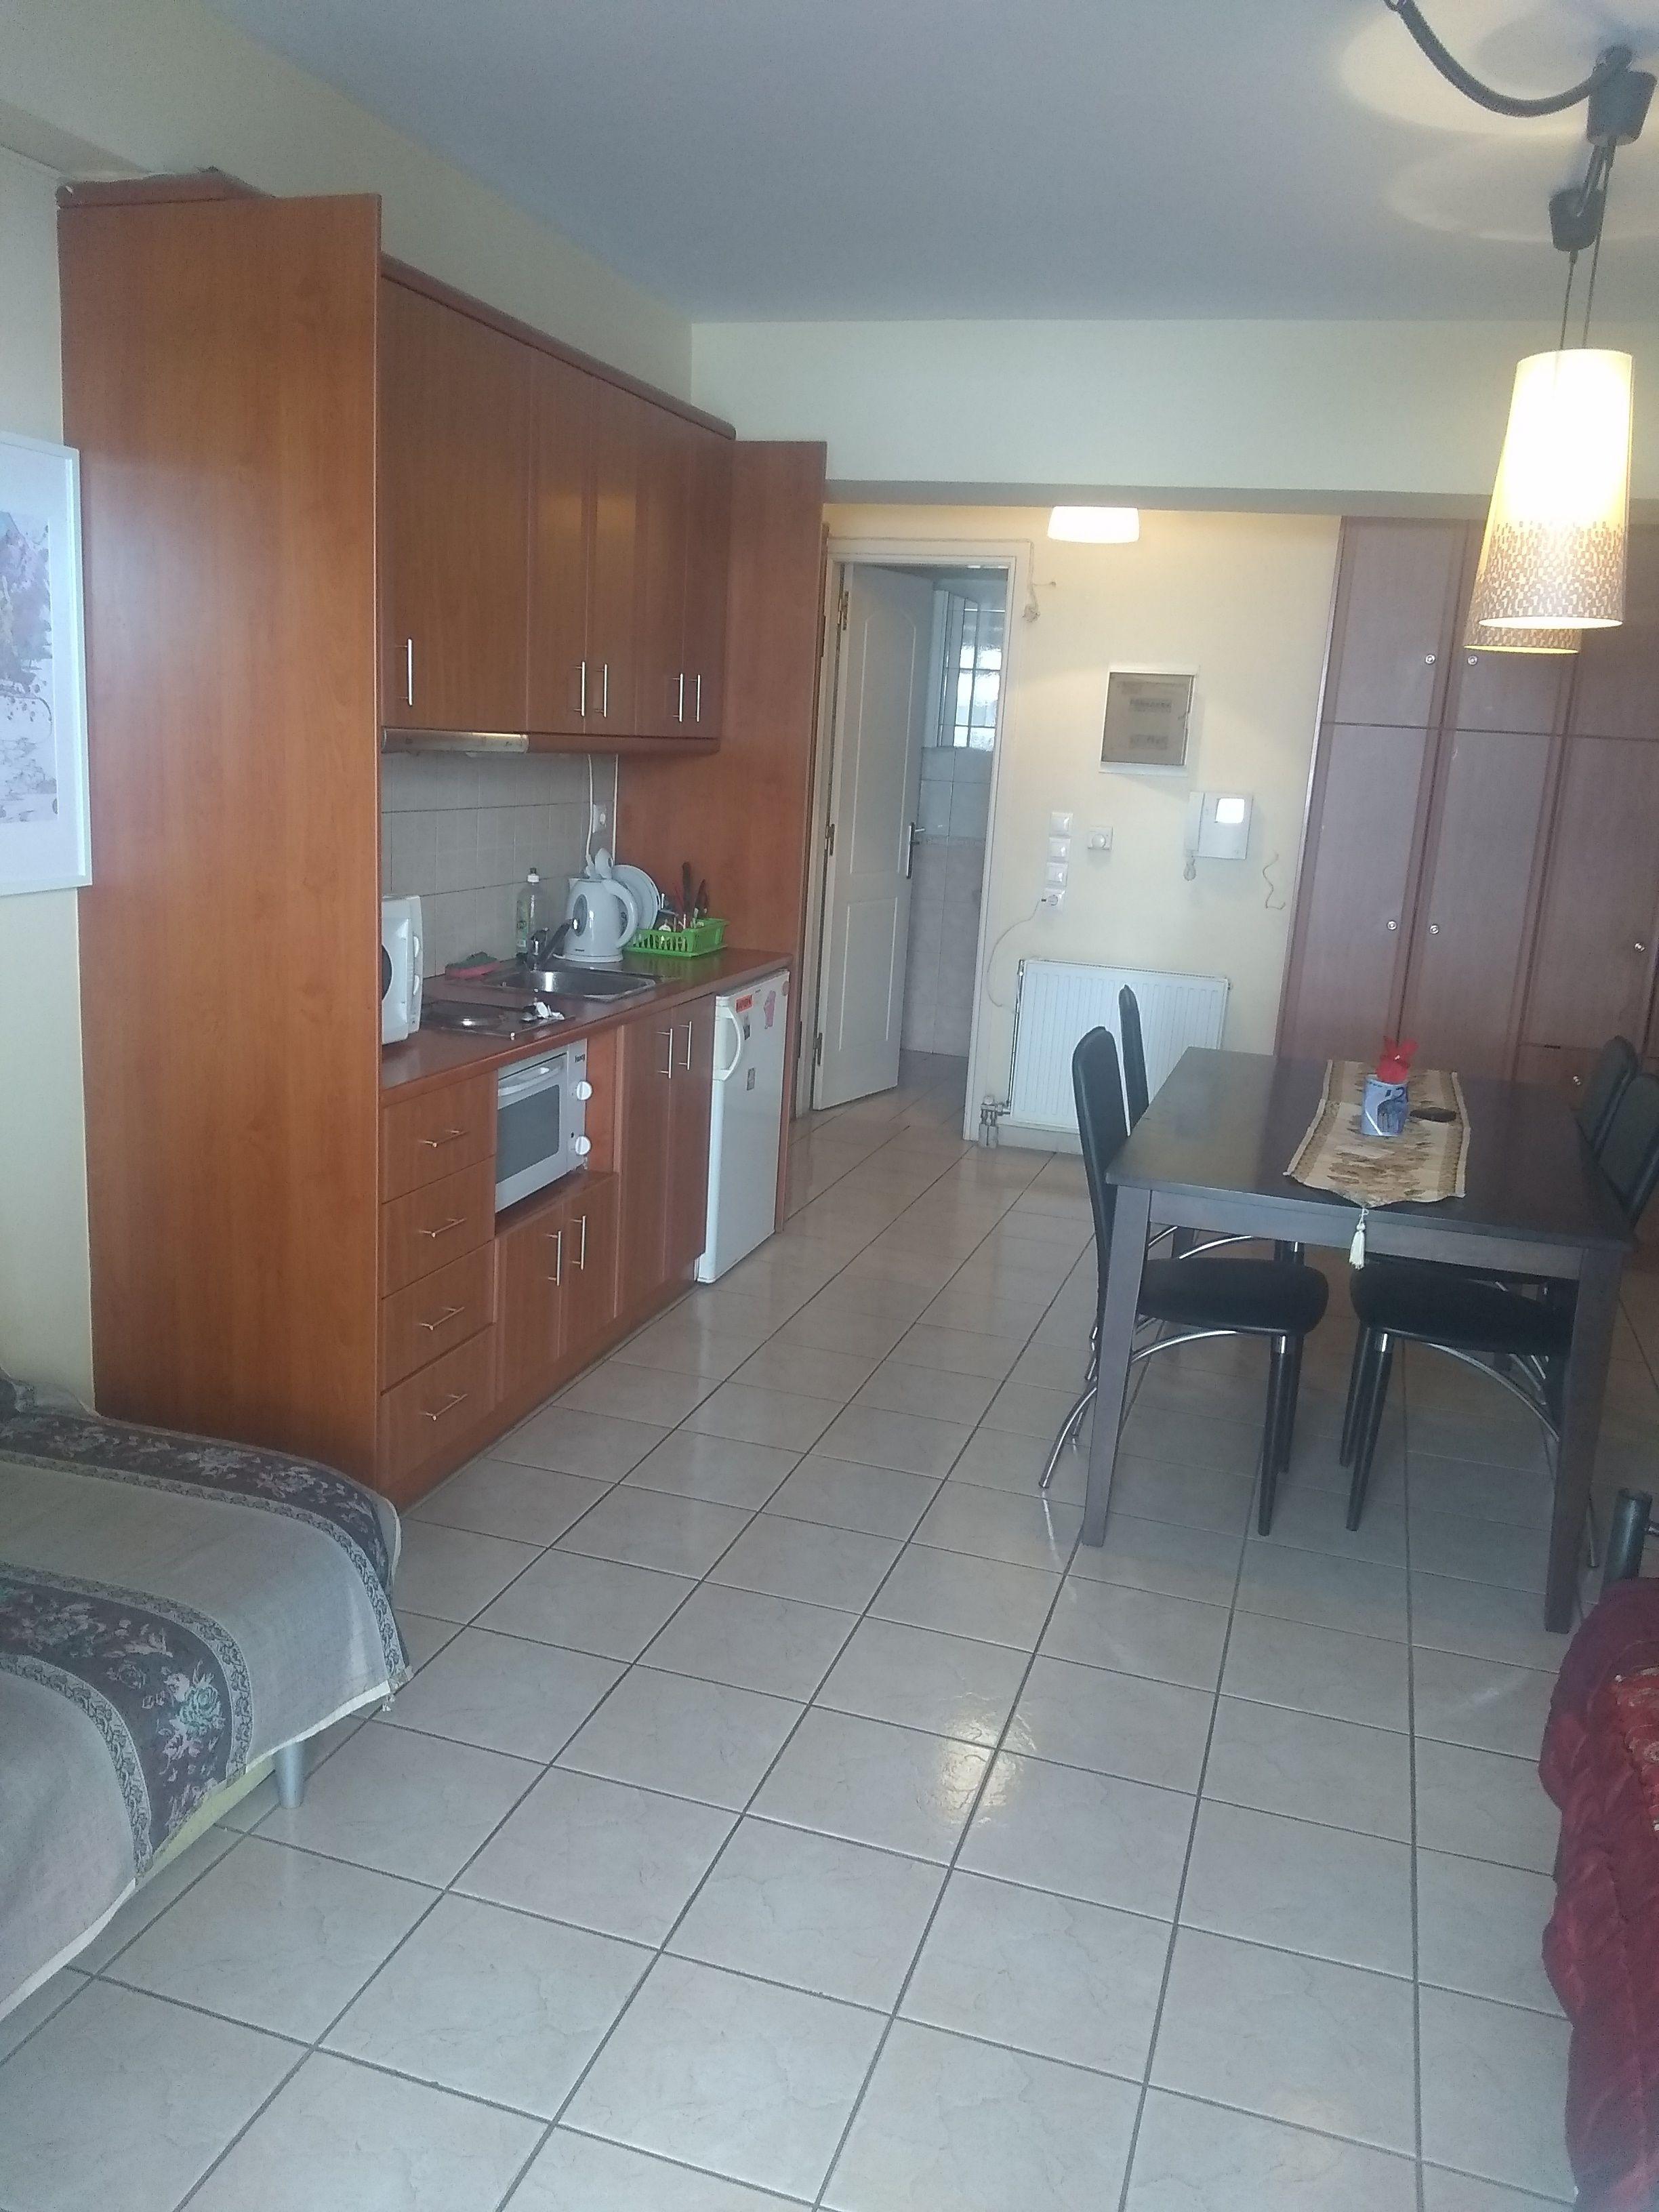 Jessica's Apartment